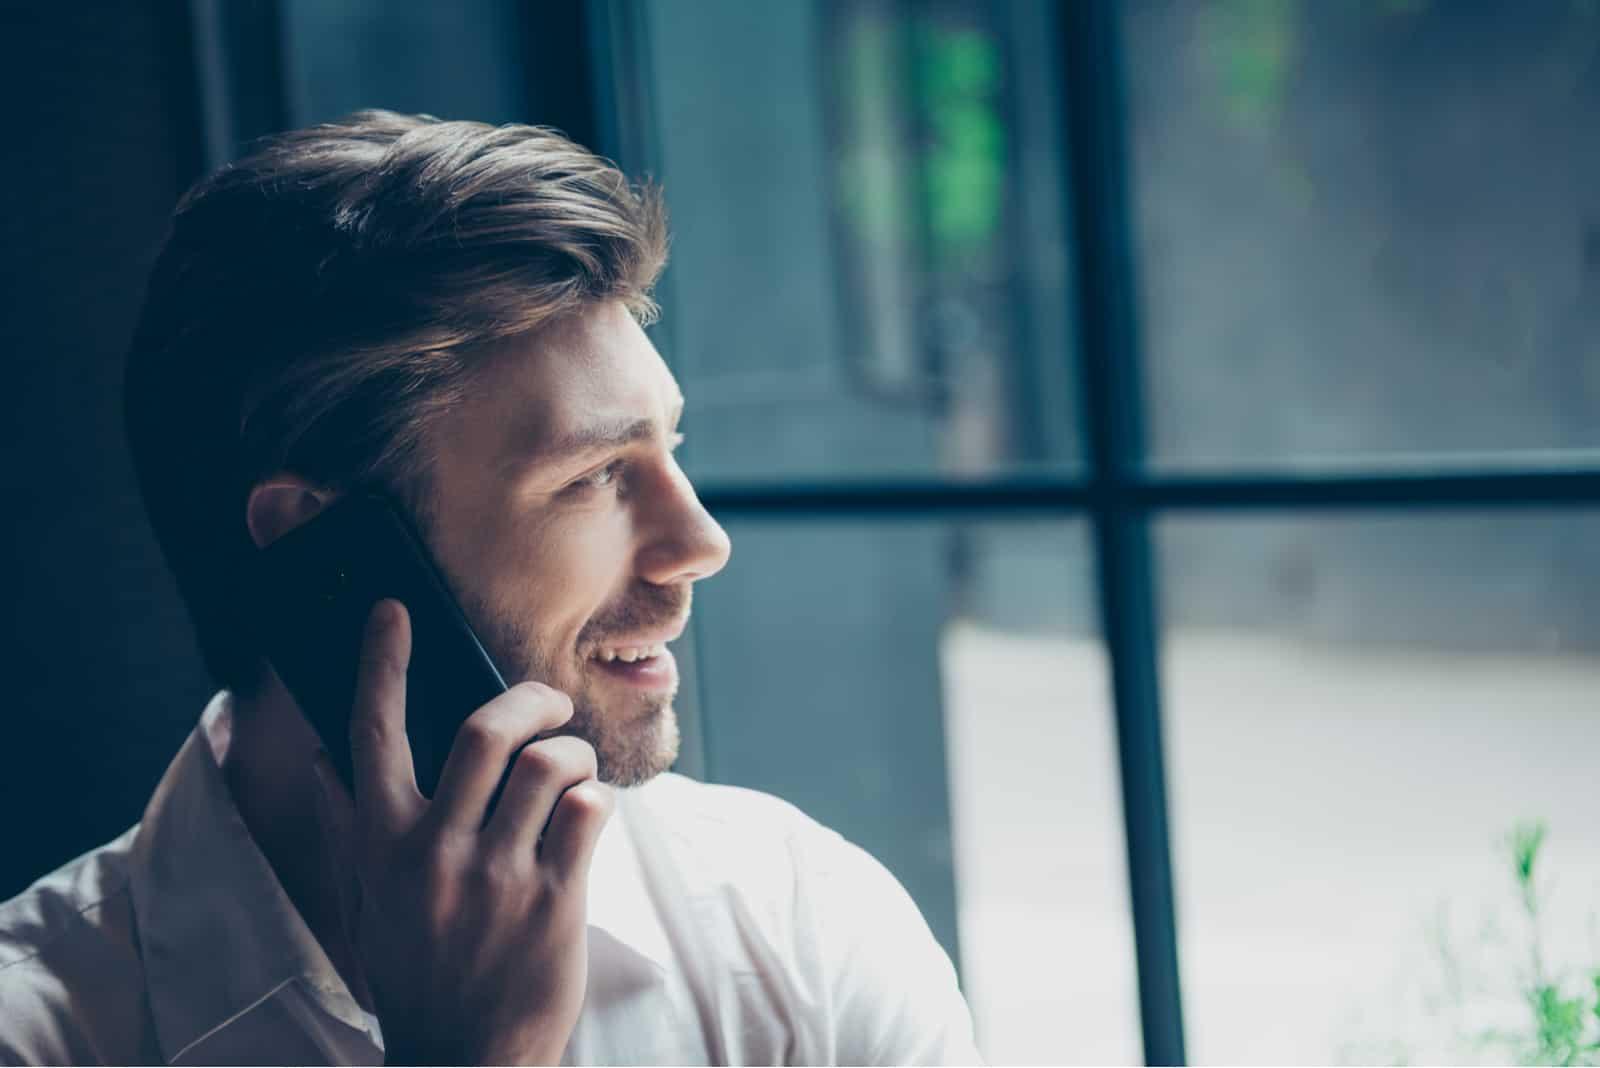 Ein lächelnder Mann am Fenster spricht auf einem Handy